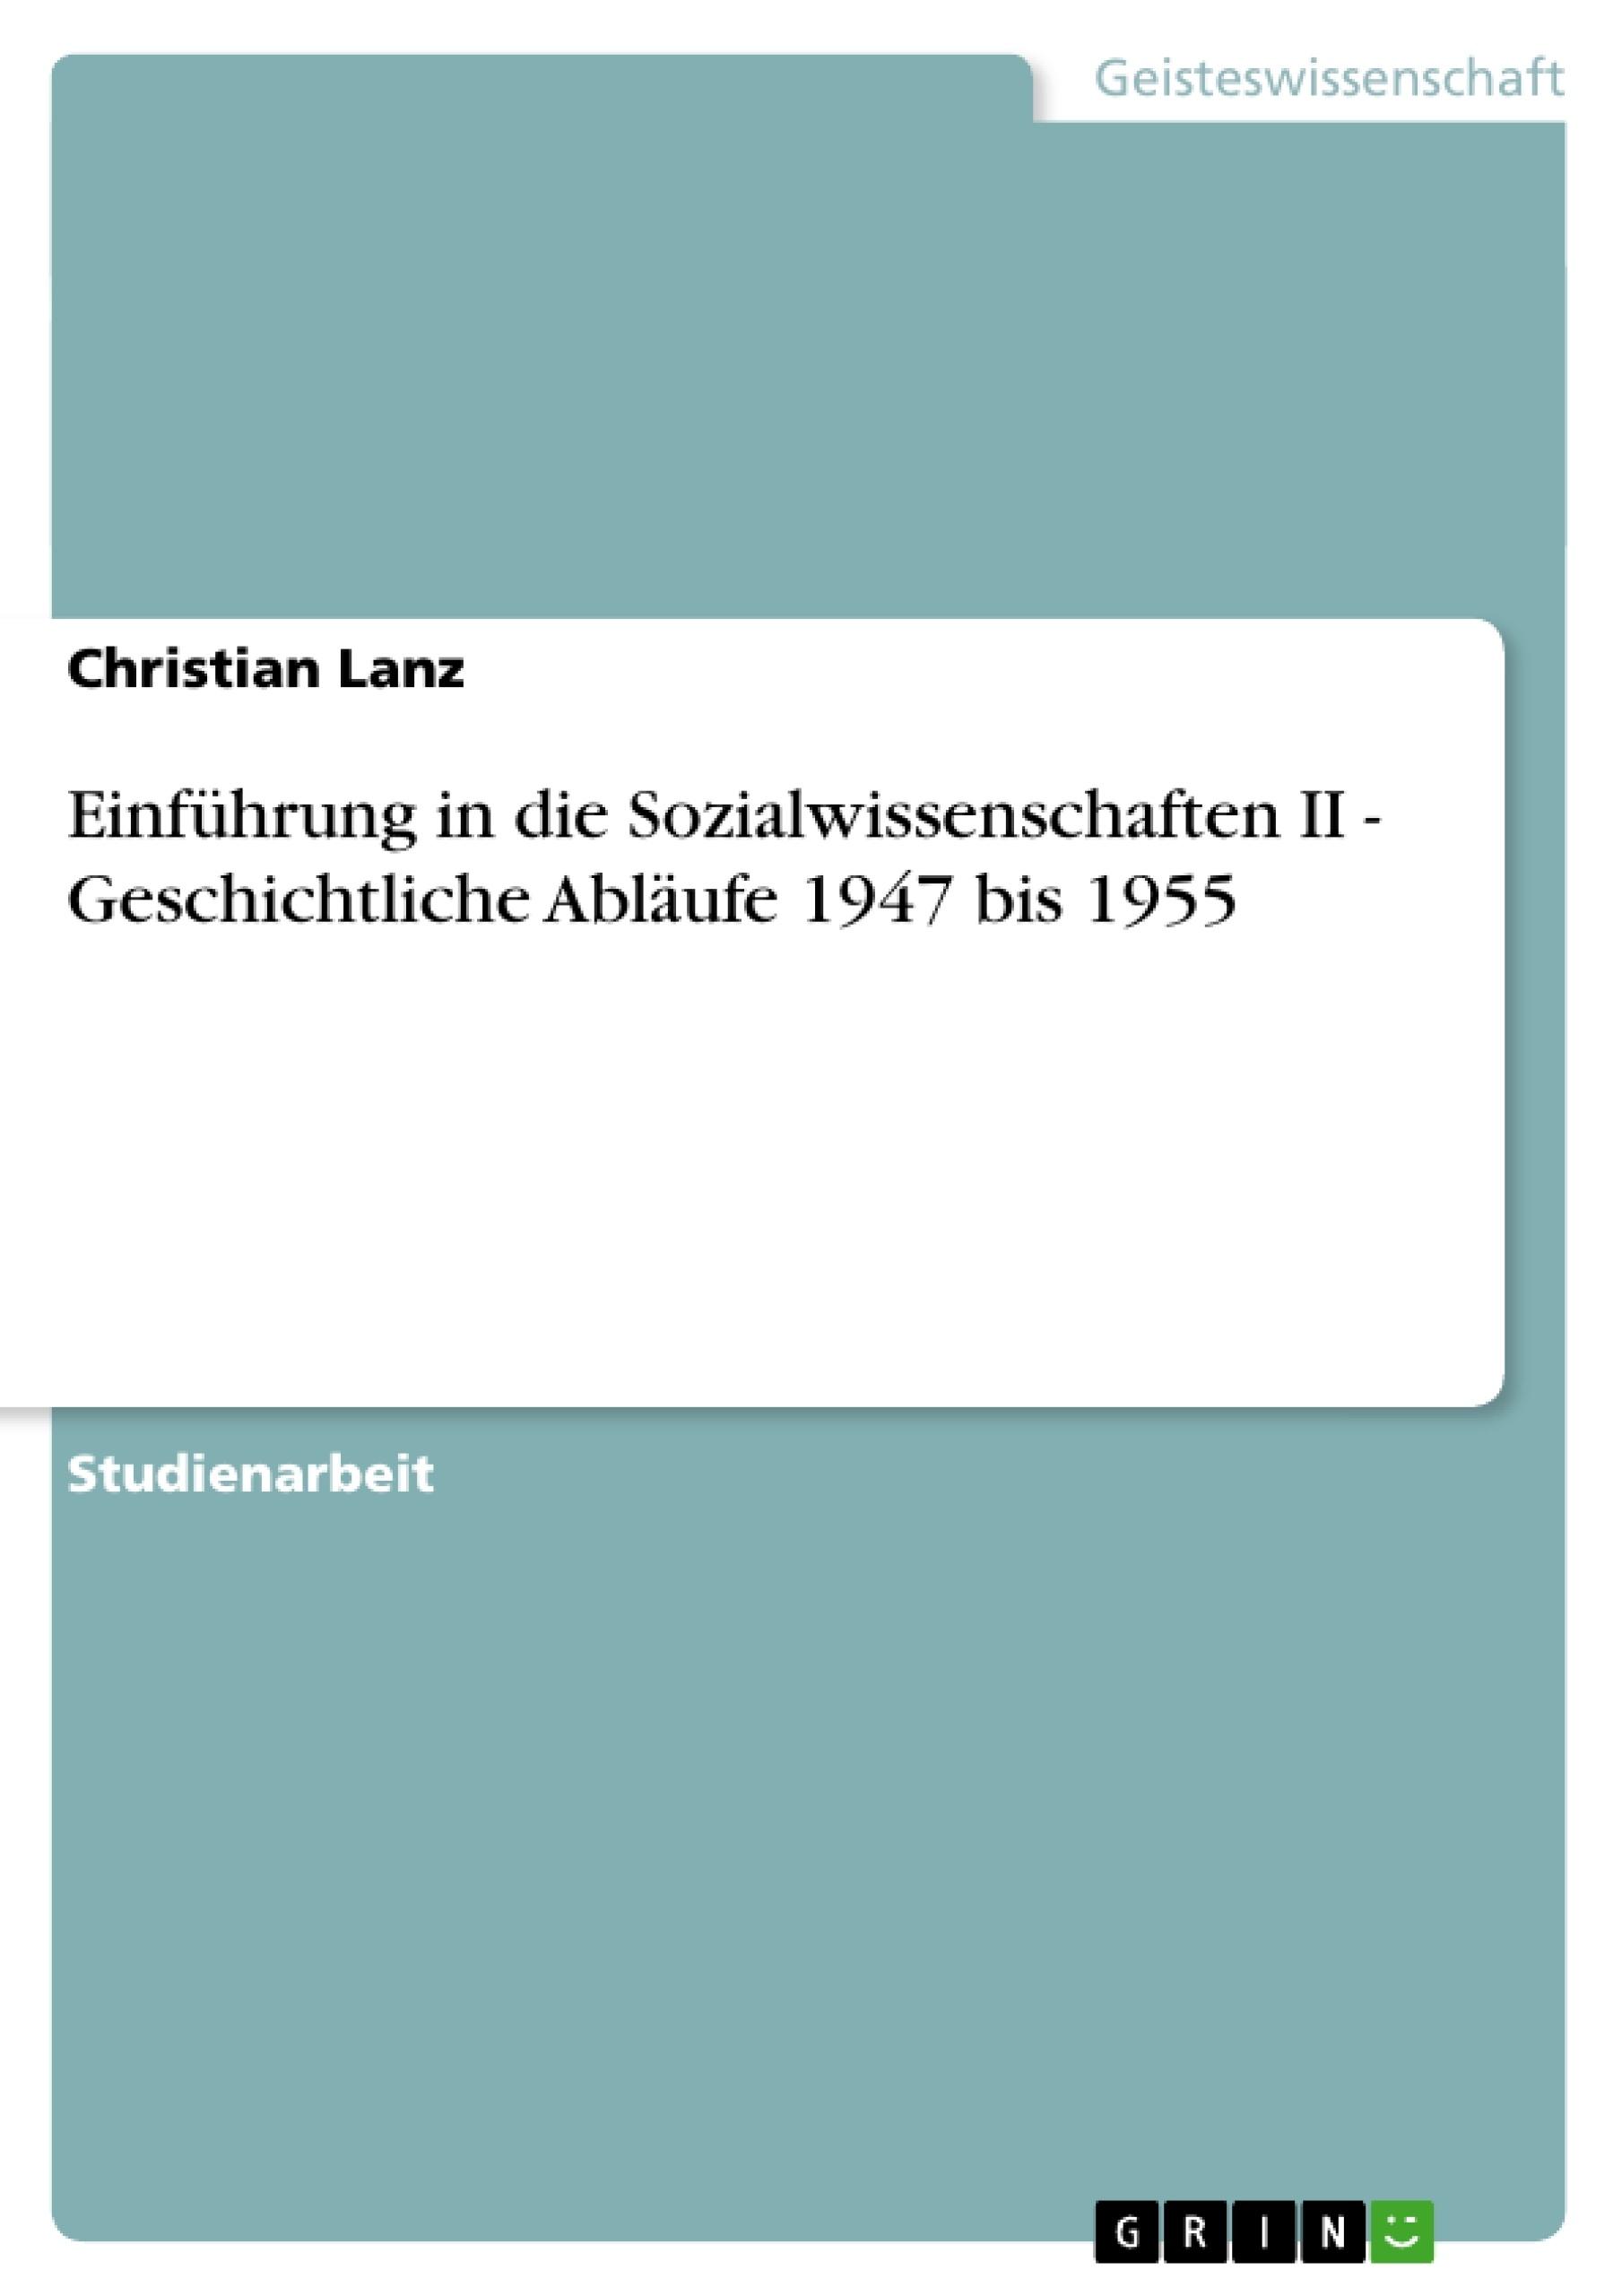 Titel: Einführung in die Sozialwissenschaften II - Geschichtliche Abläufe 1947 bis 1955